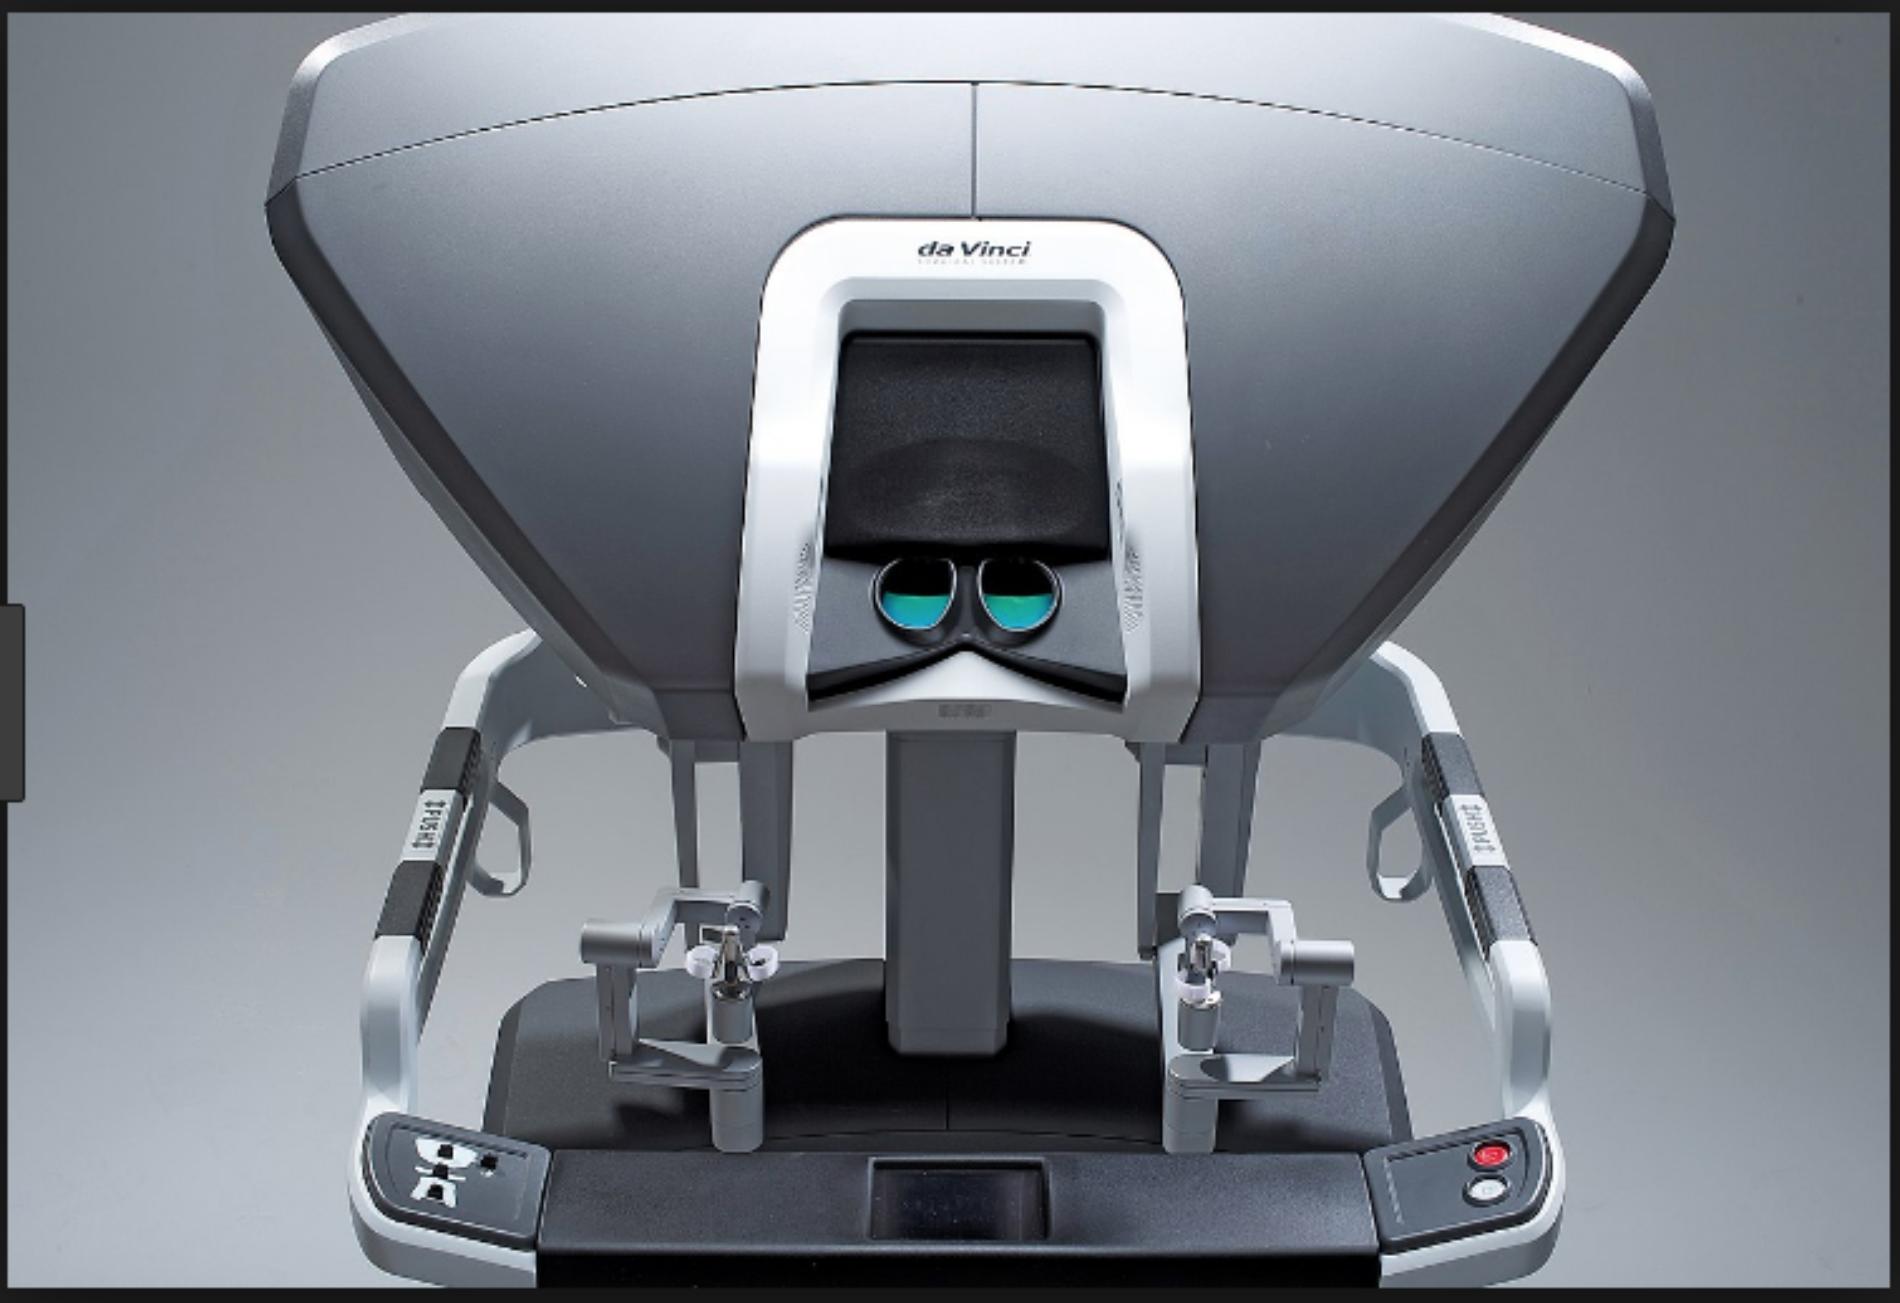 Meet The da Vinci X Robot That Performs Surgery